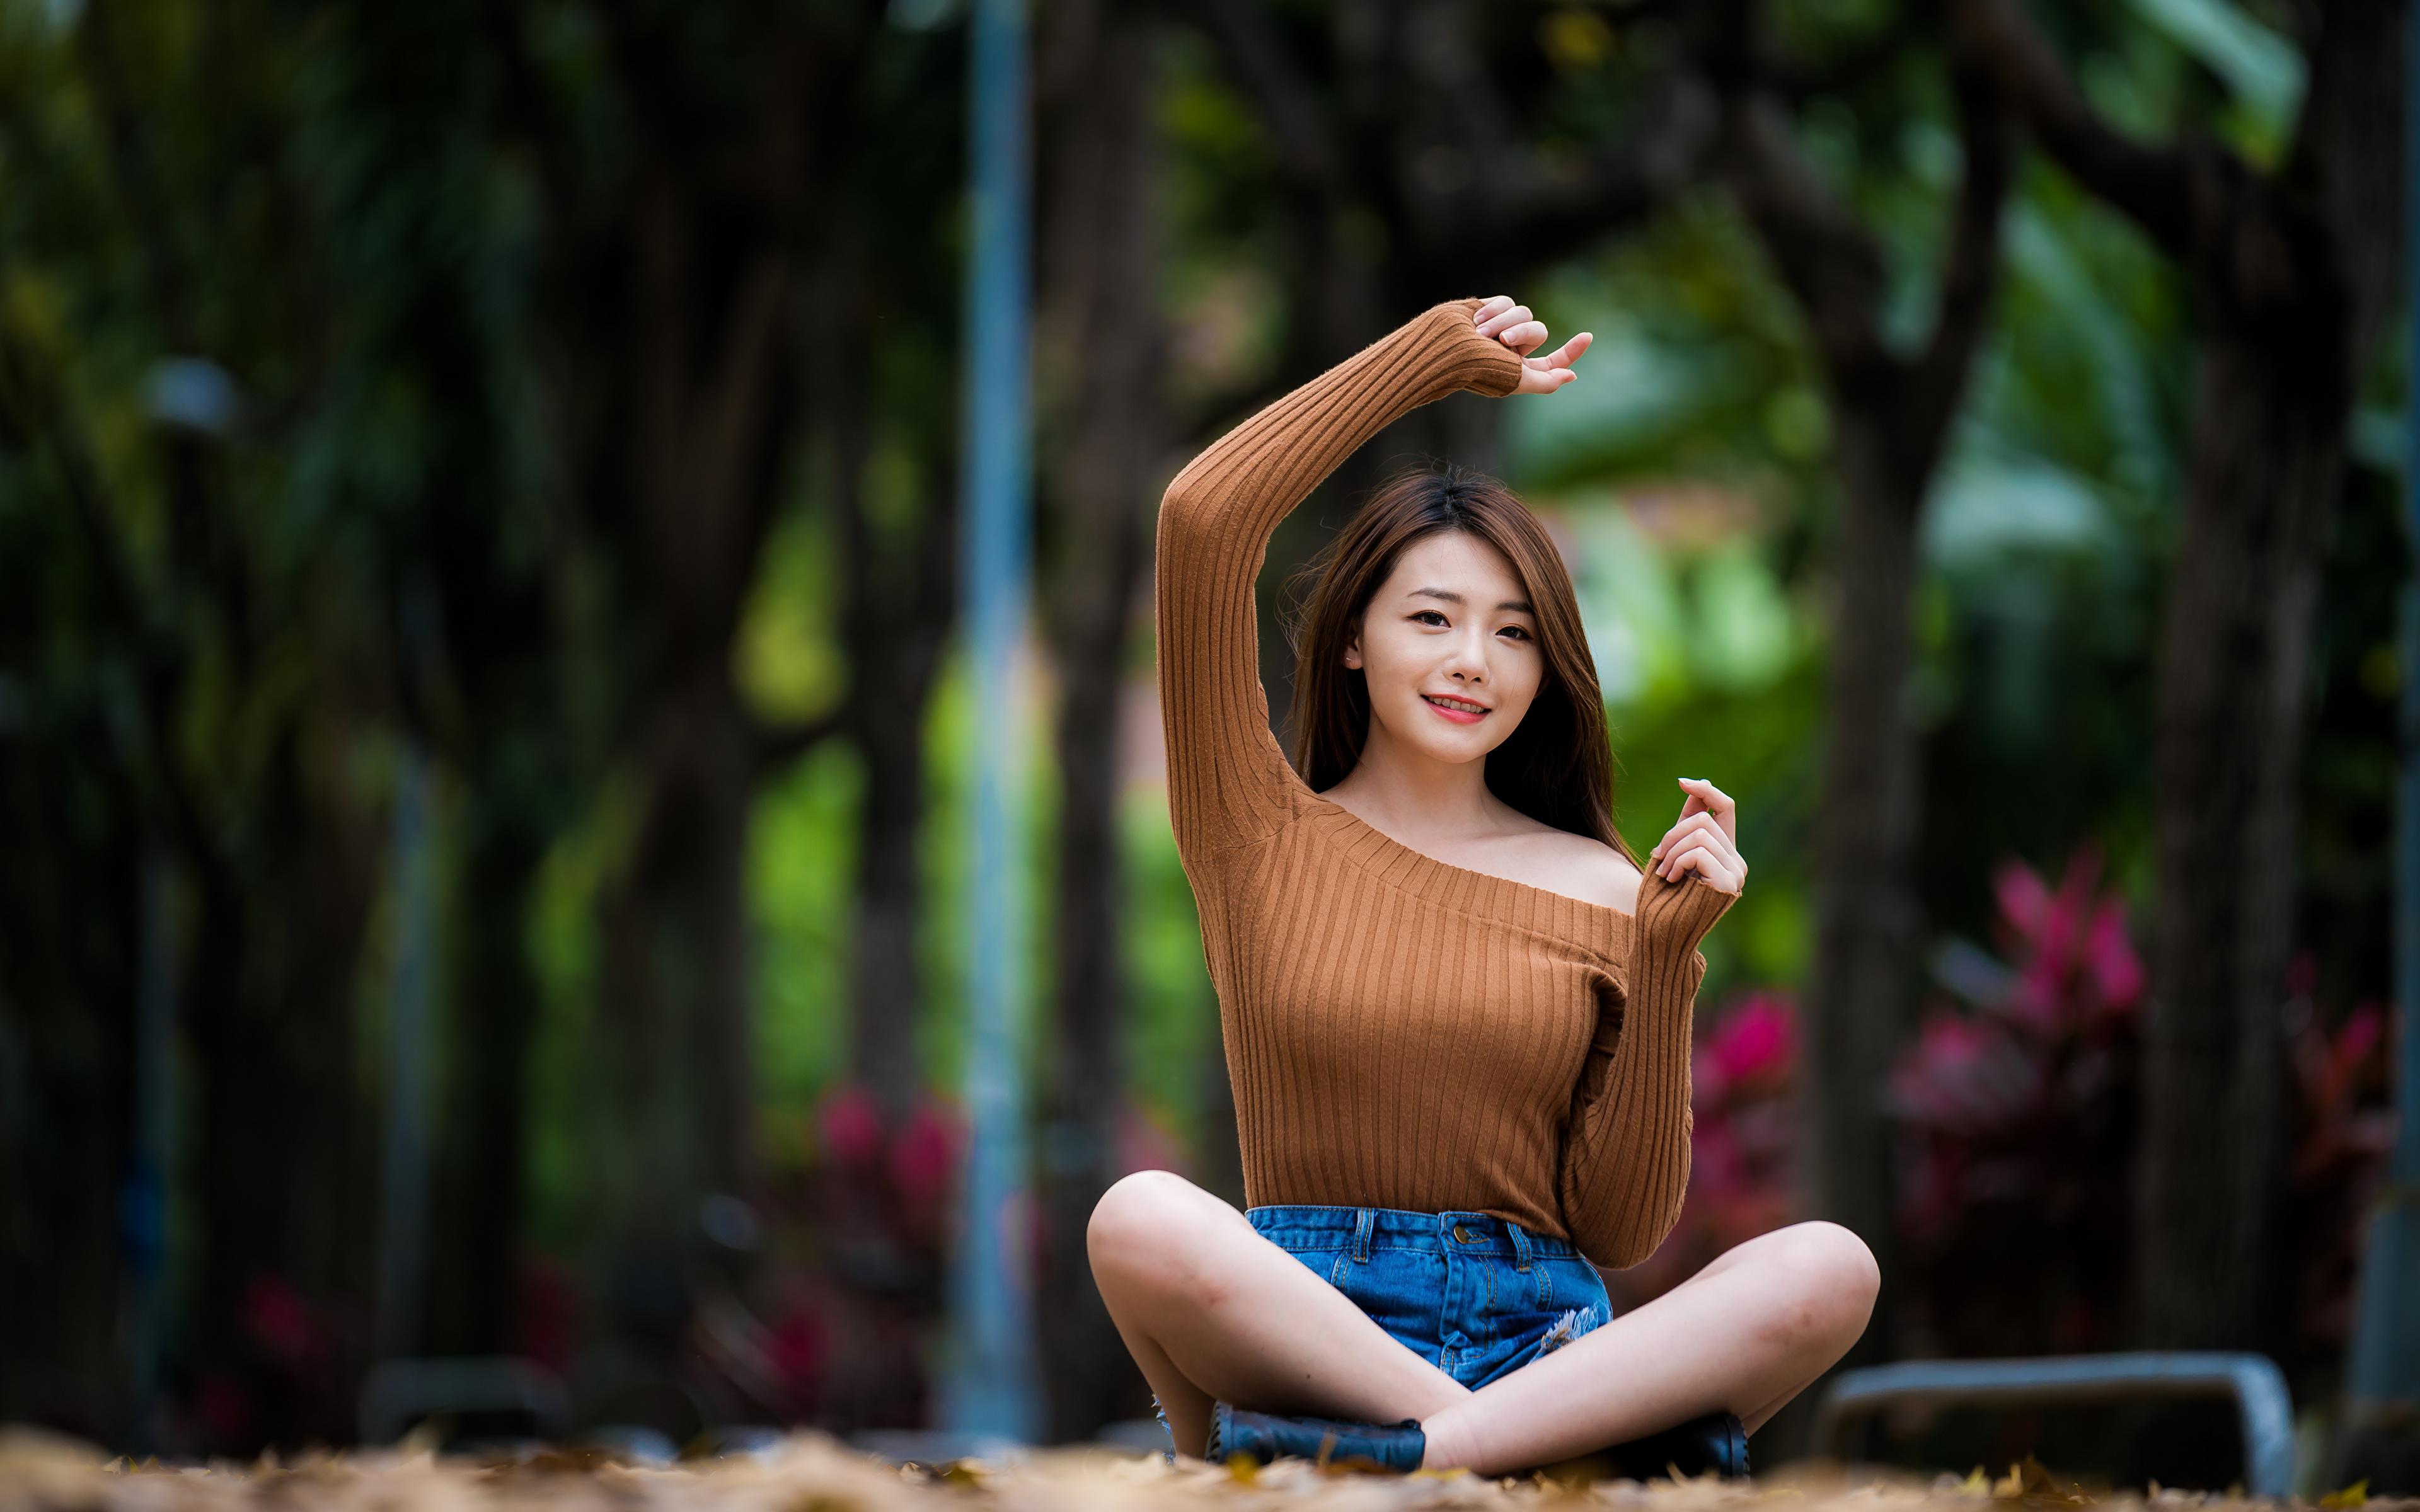 Bilder von Lotossitz Mädchens Asiaten Hand sitzen Starren 3840x2400 Lotussitz junge frau junge Frauen Asiatische asiatisches sitzt Sitzend Blick